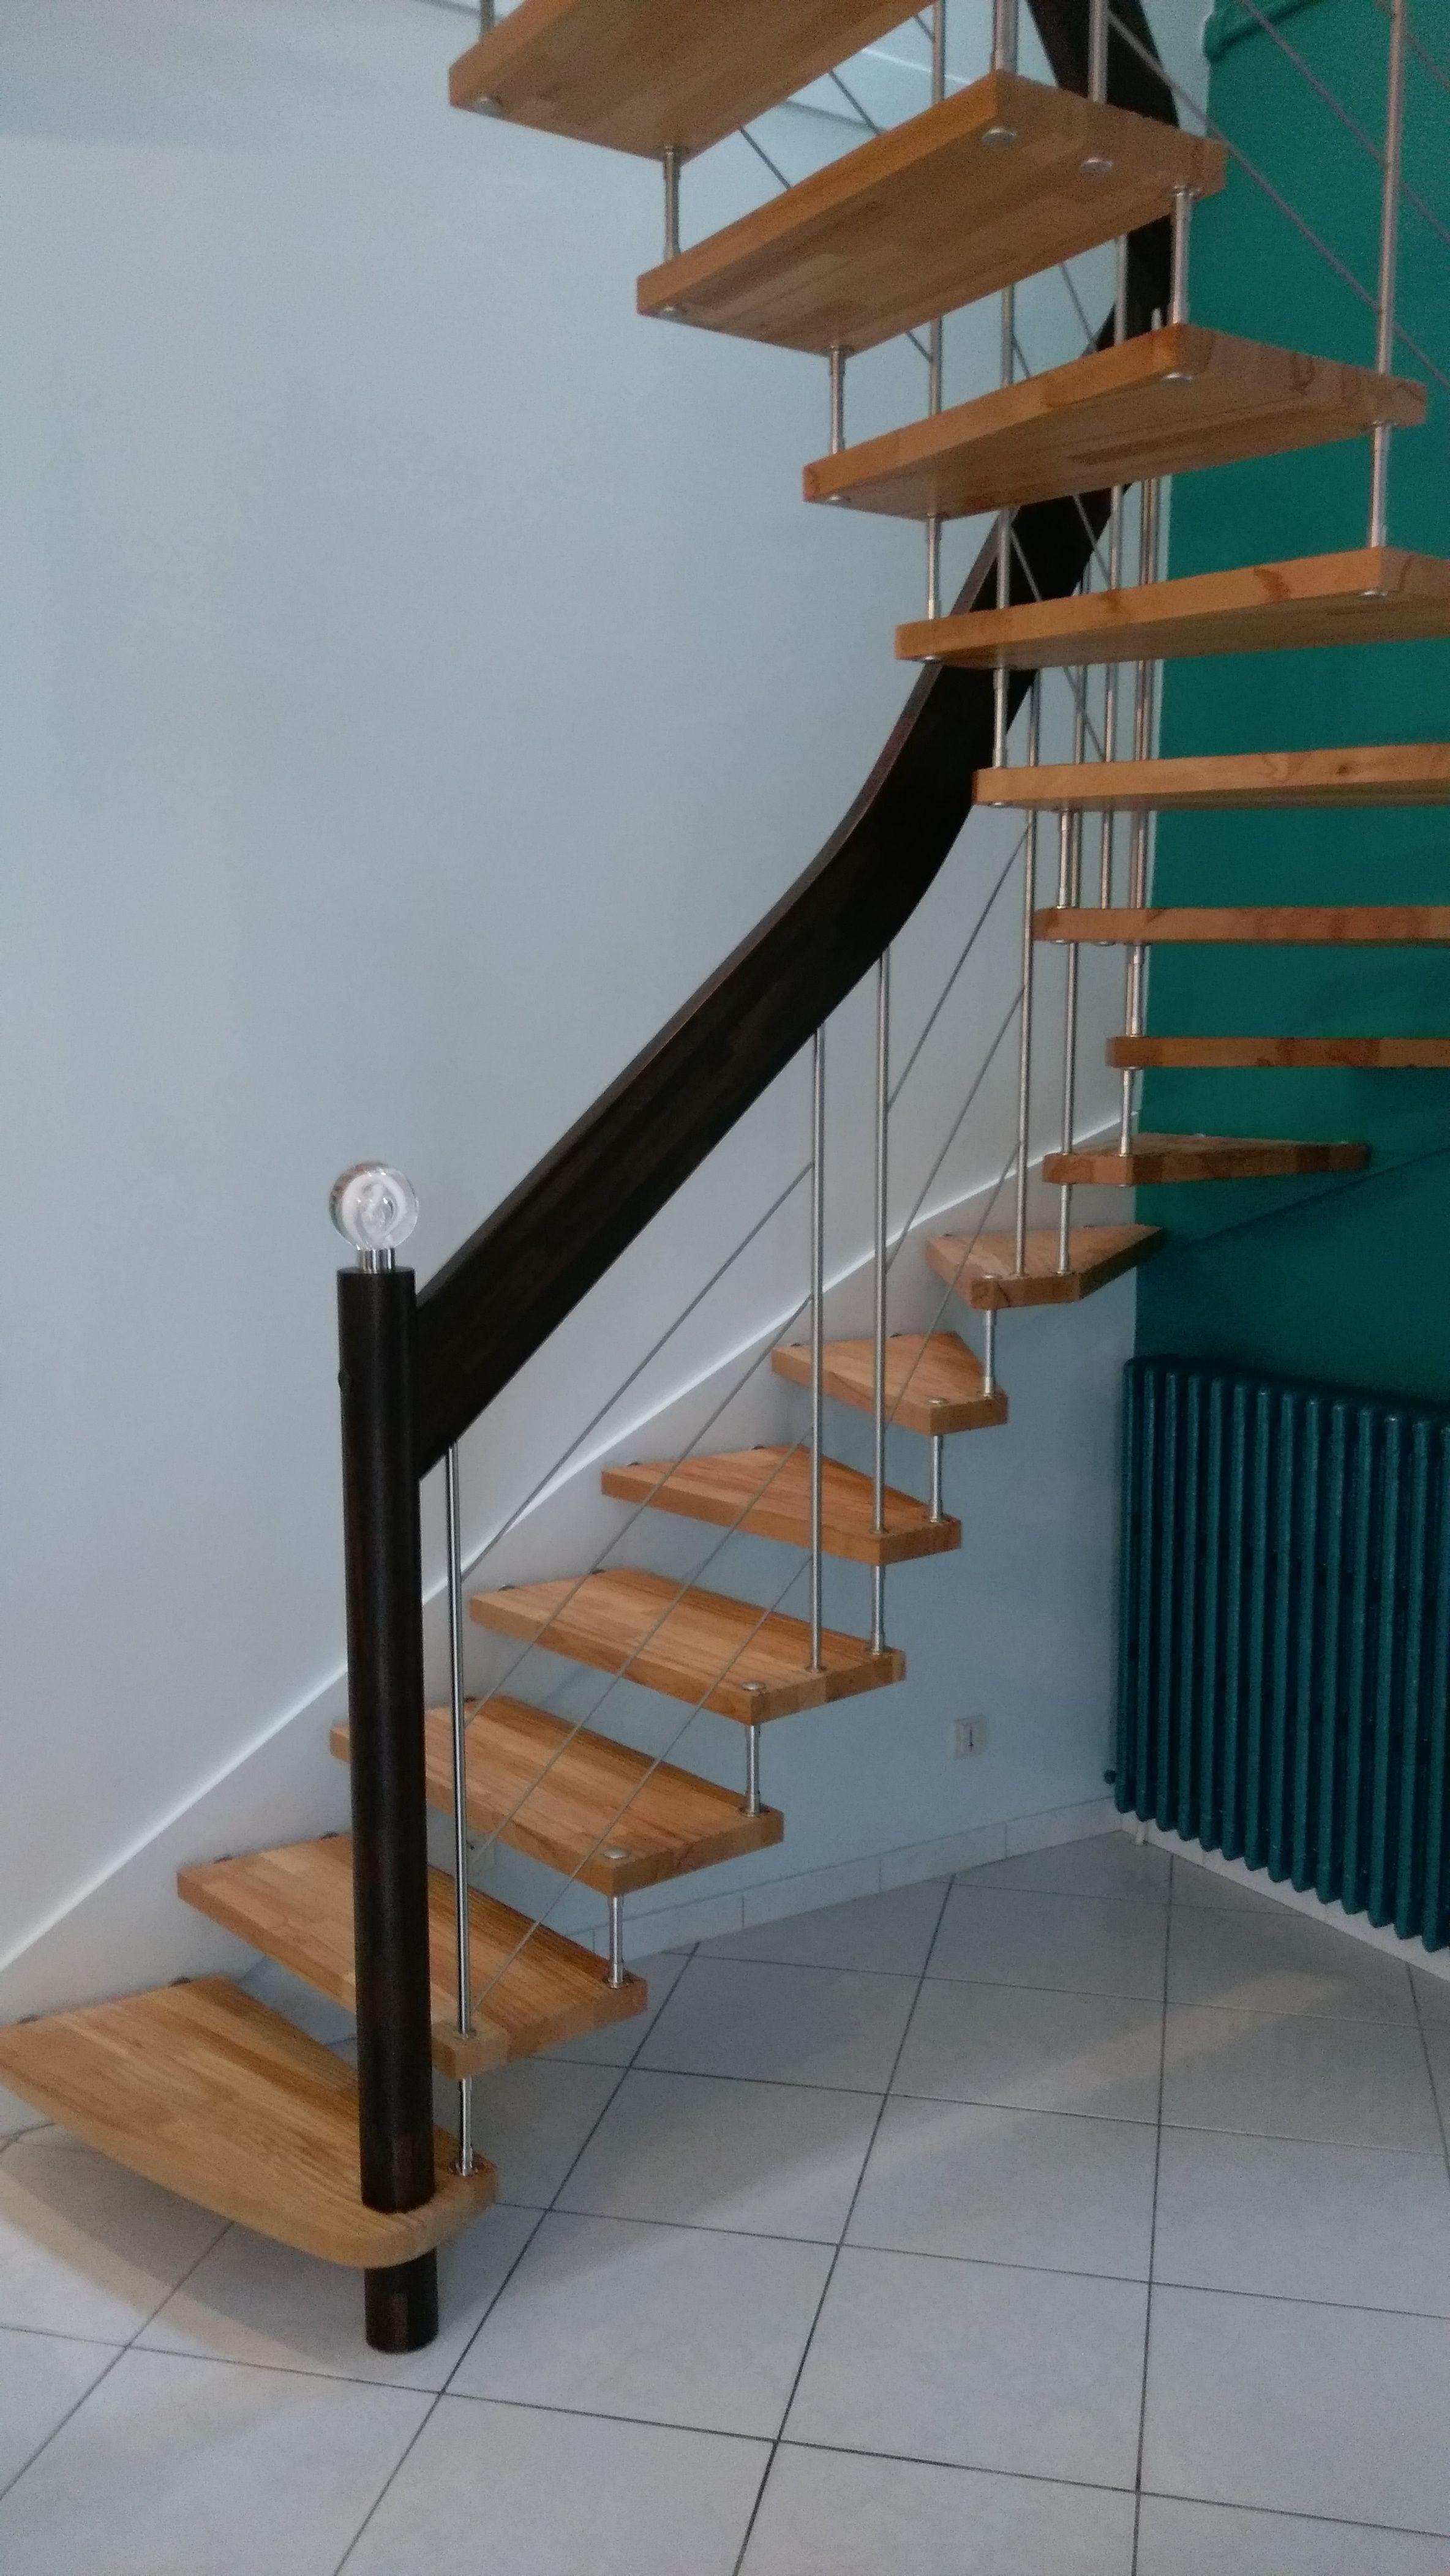 Escalier Nova R6 Avec Harpe Blanche Escalier Deco Maison